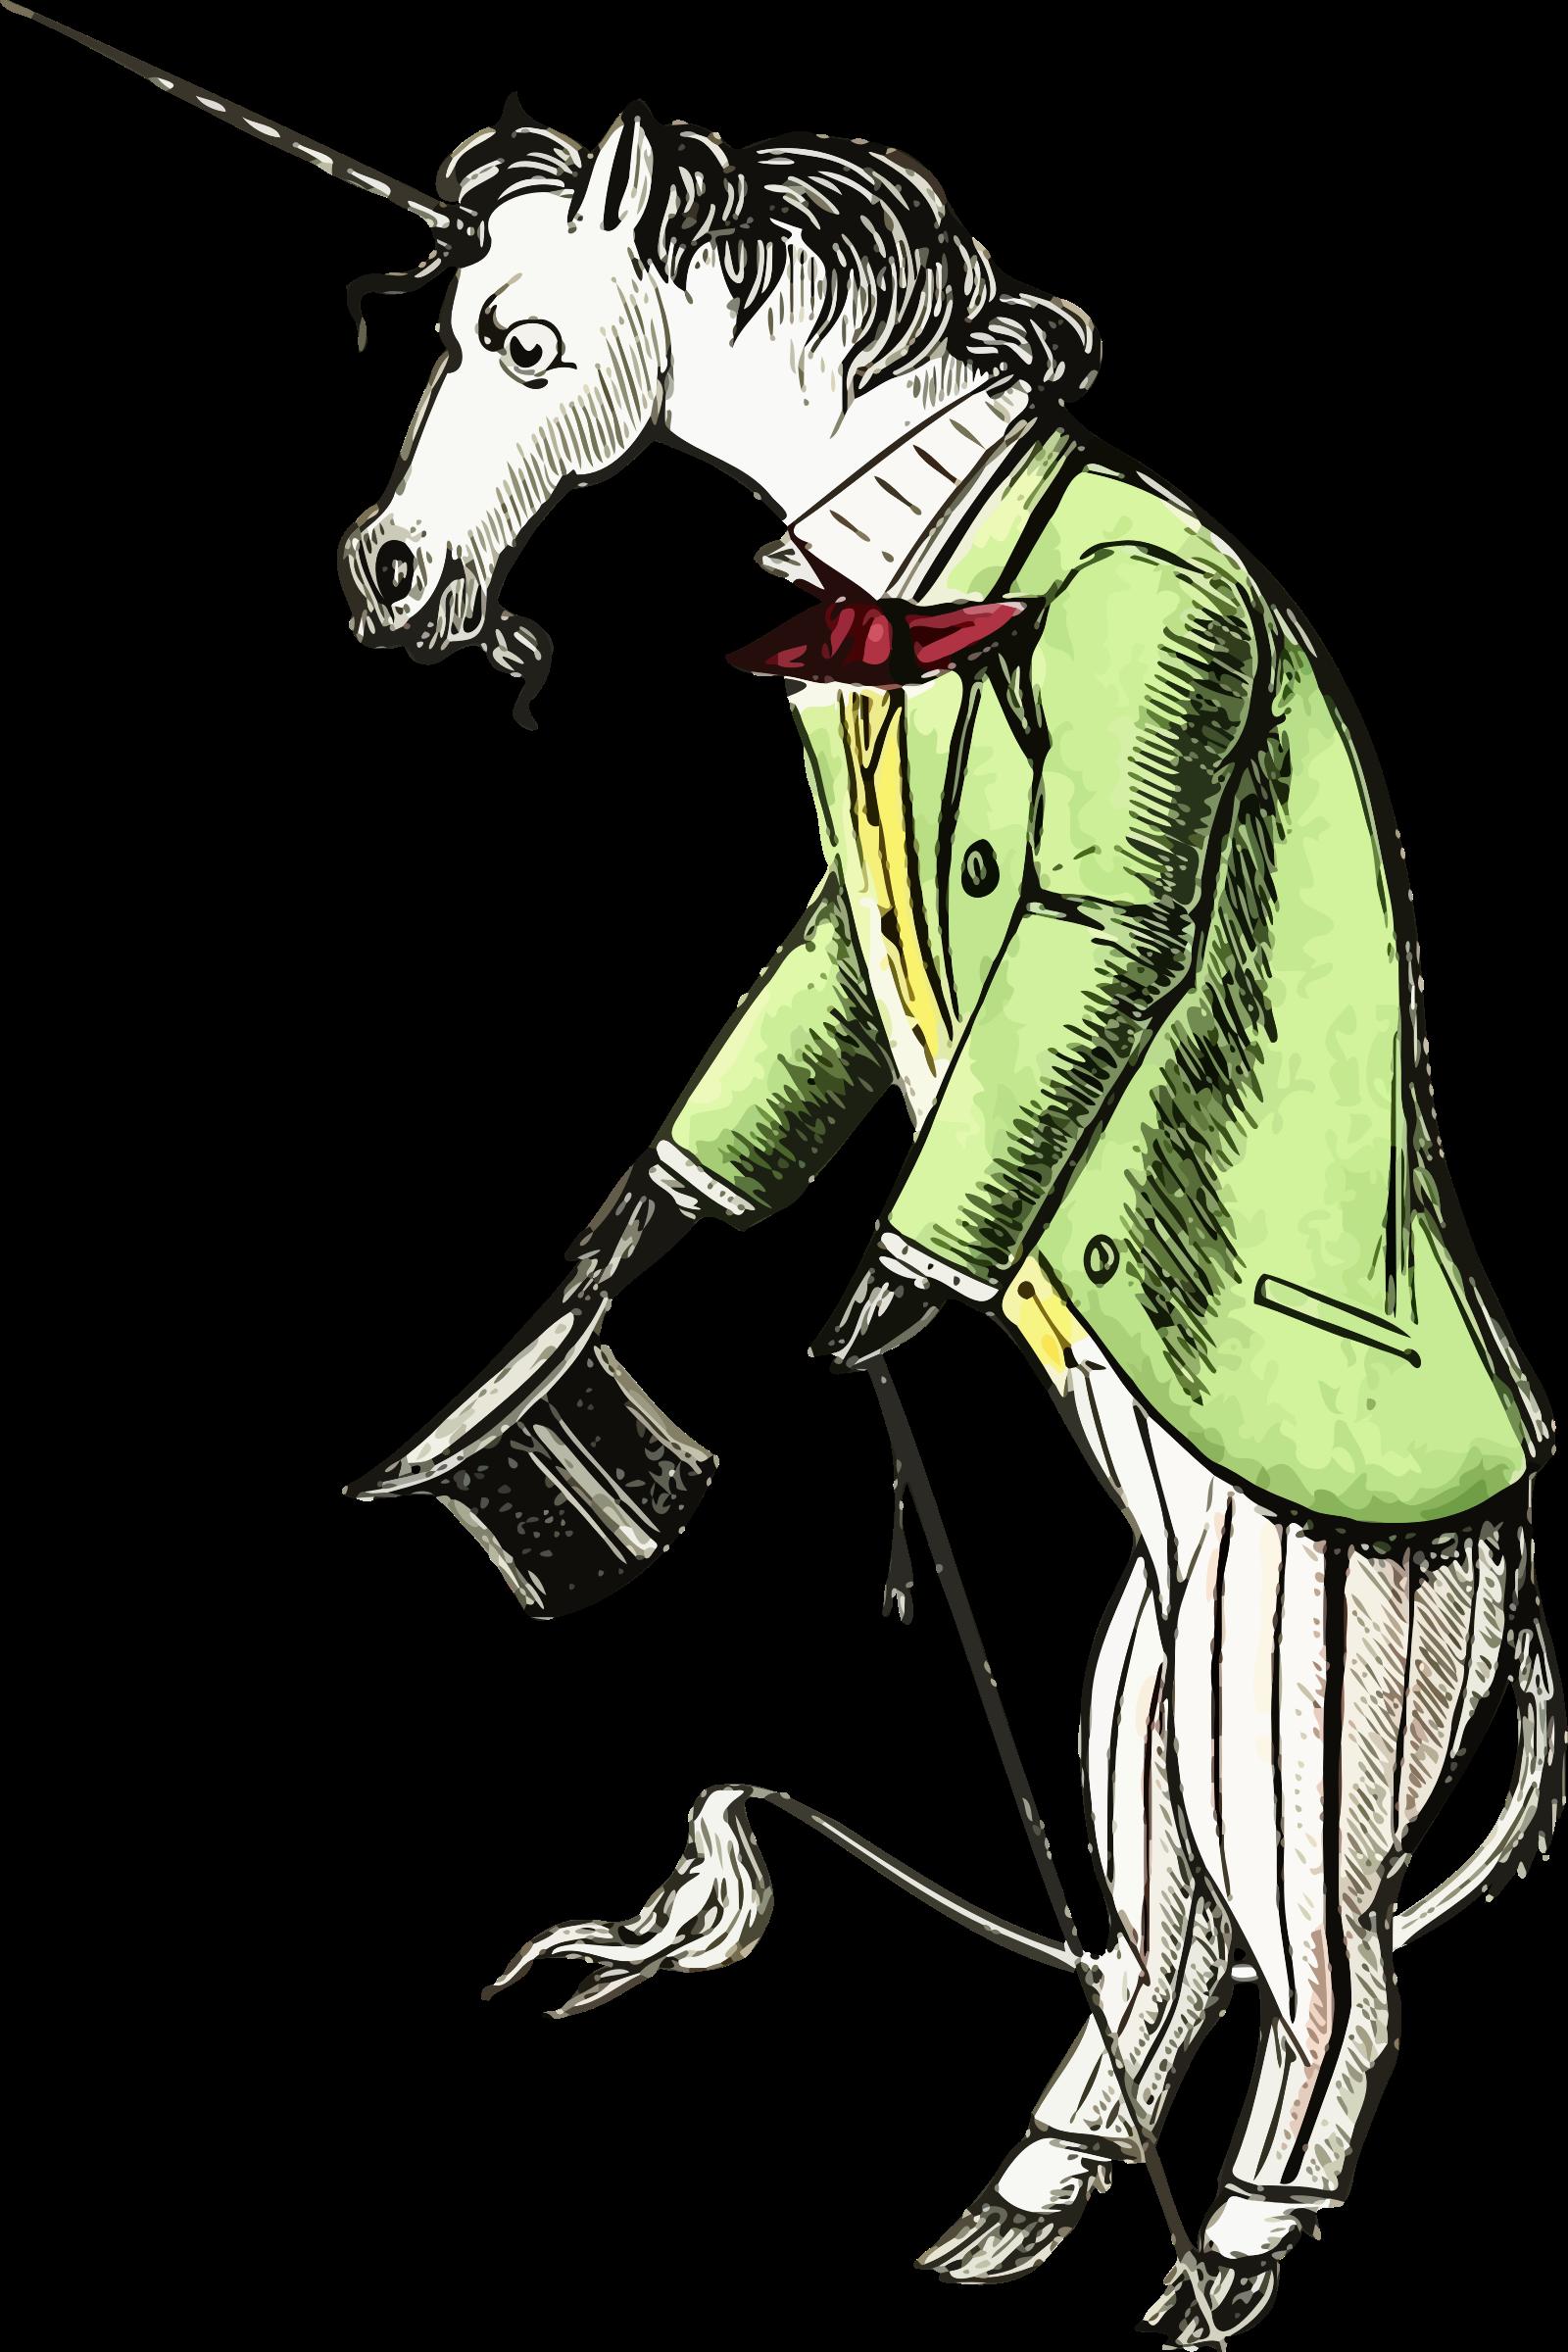 Big image png. Clipart unicorn mythology